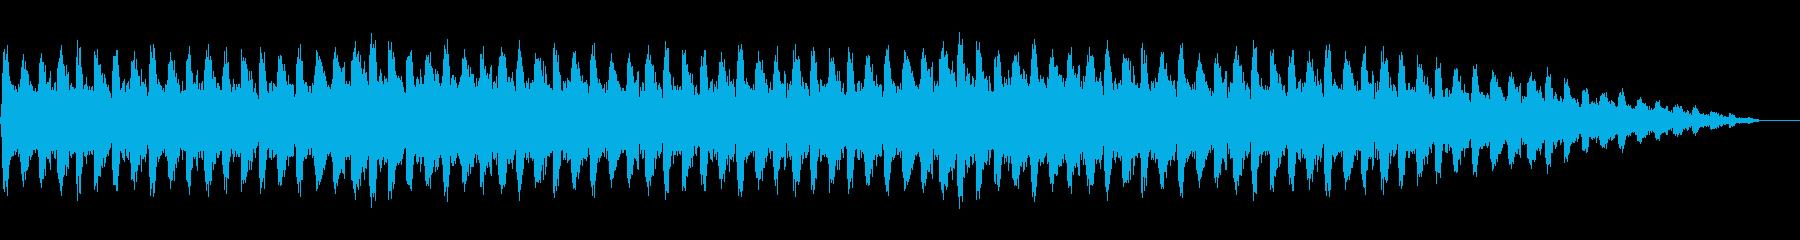 勇壮な合唱オーケストラ:編集版Bの再生済みの波形